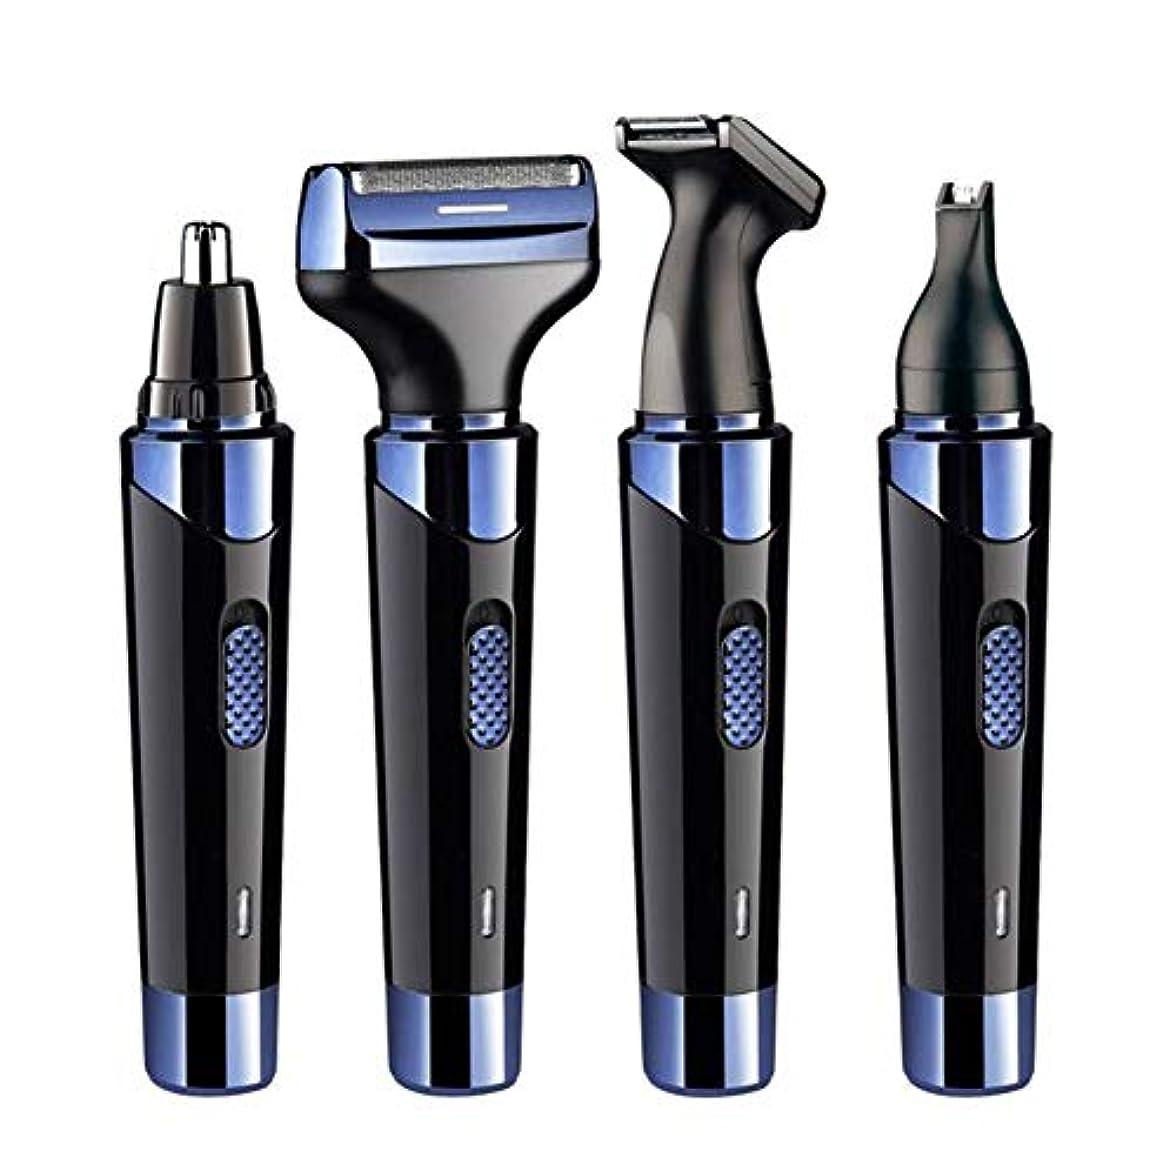 カートリッジ流用する外観4イン1鼻毛トリマー、プロの痛みのない鼻/耳/眉毛/サイドバーンおよびフェイシャルヘアトリム、USB充電式、洗えるカッターヘッド、メンズギフト